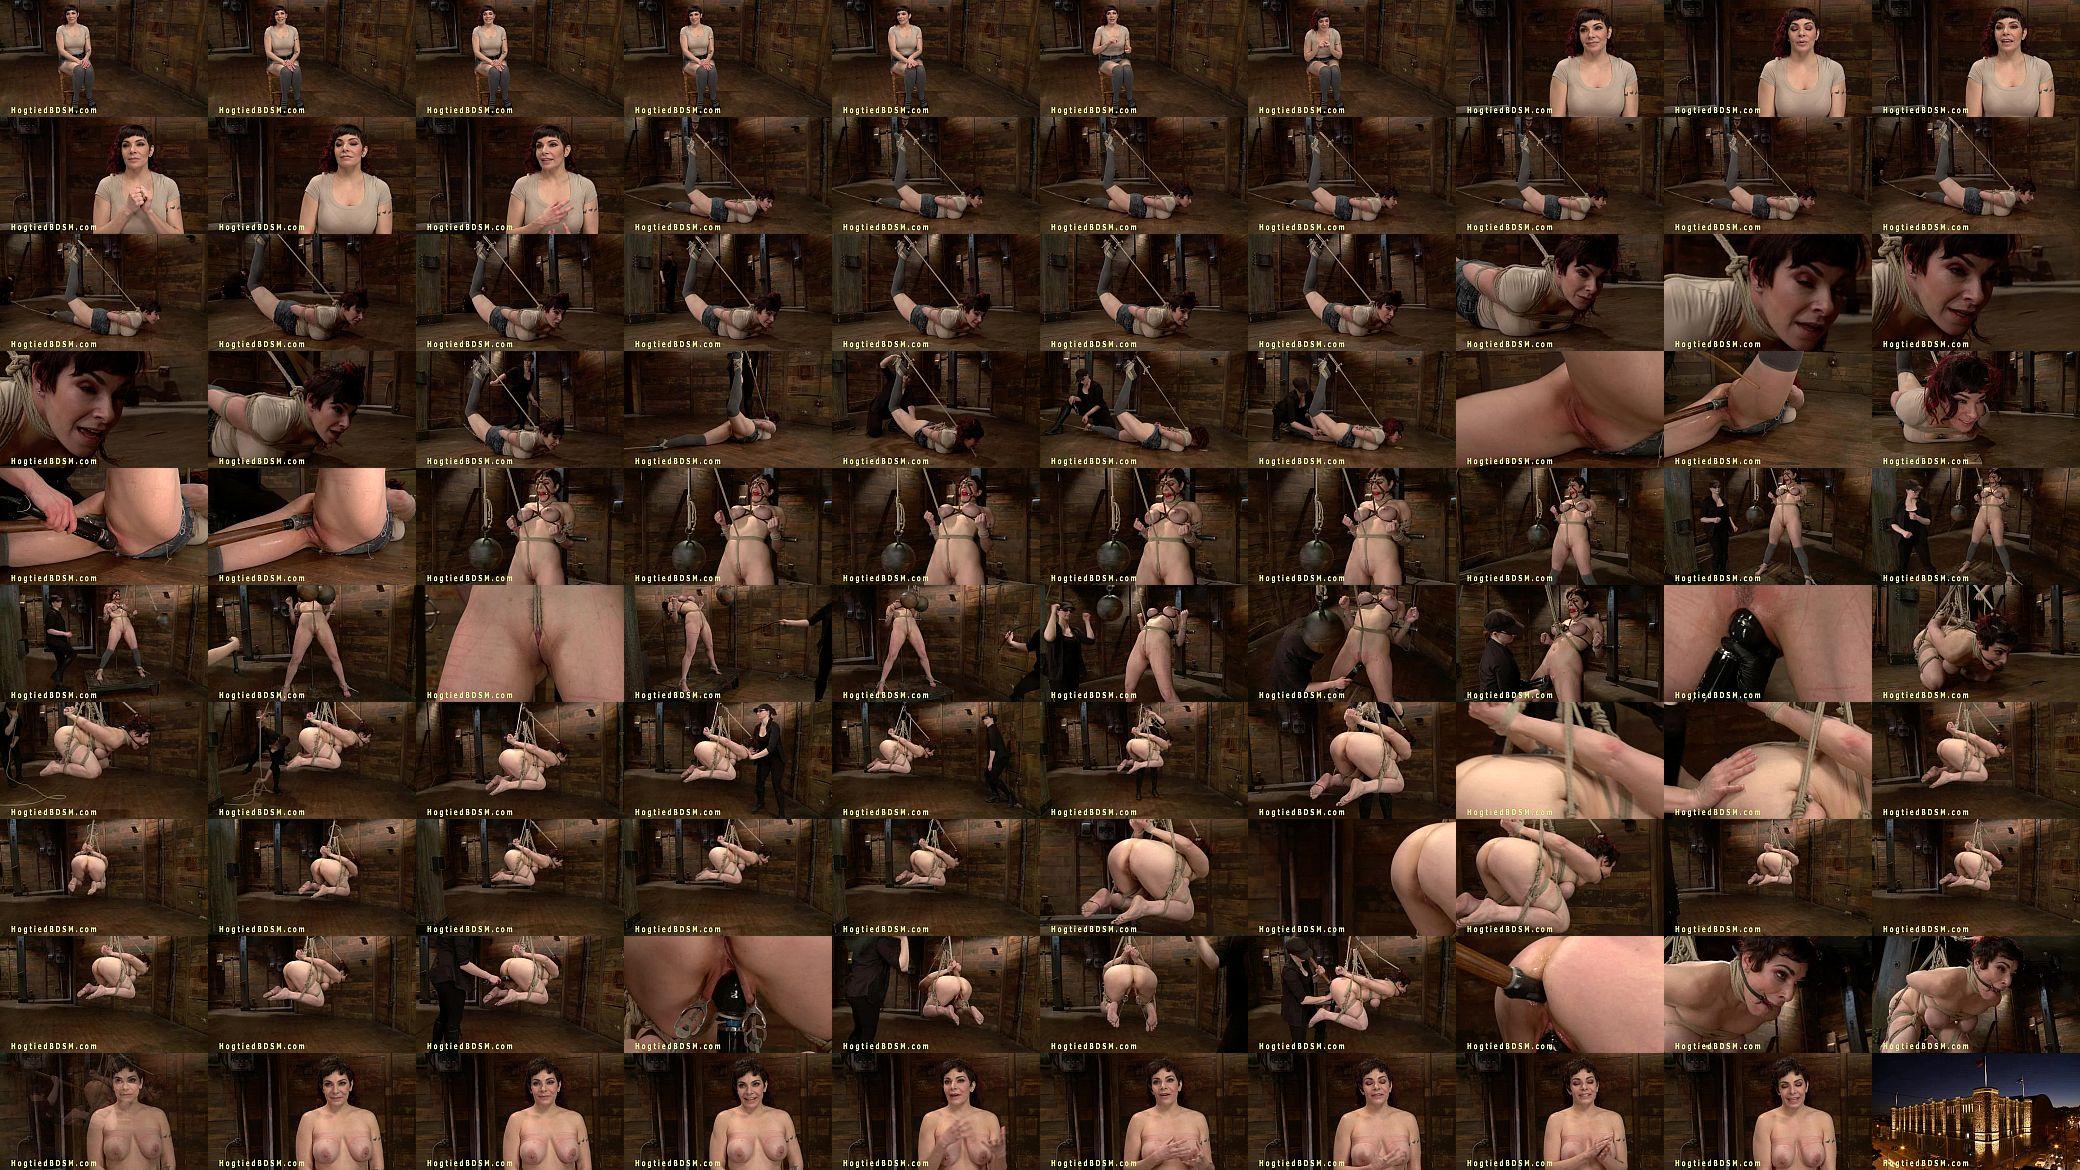 Lili tekken naked